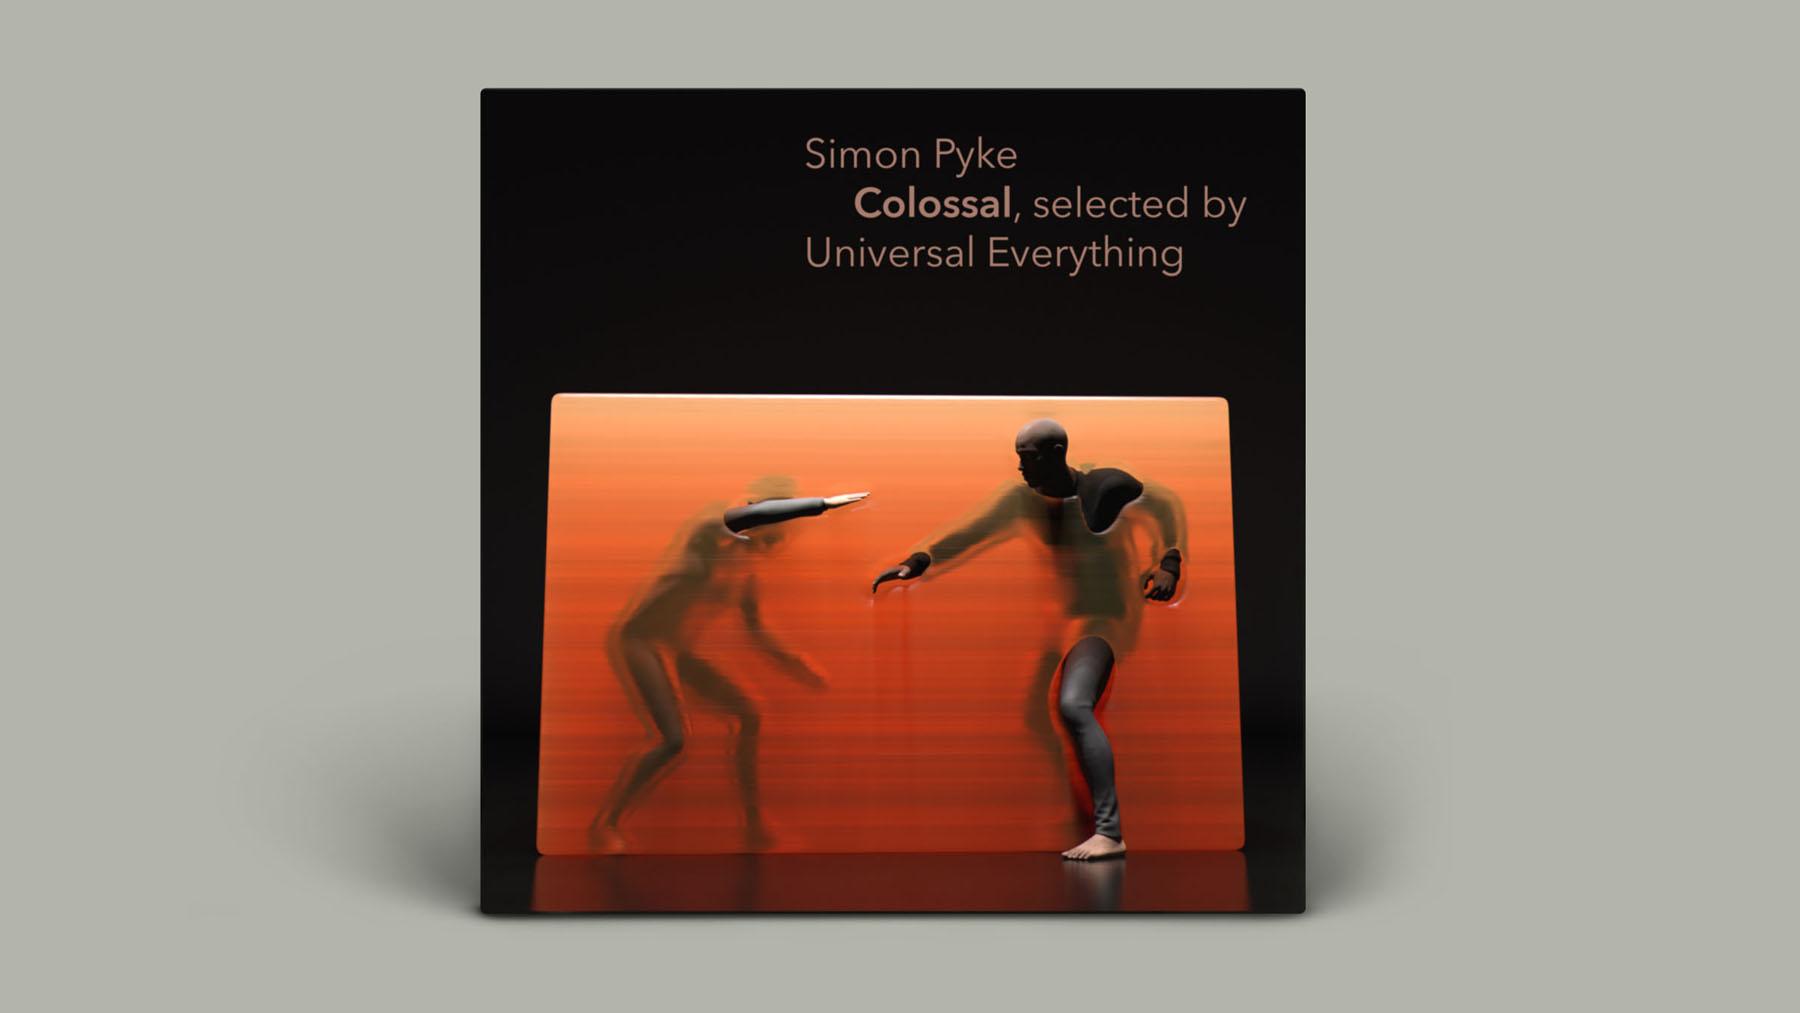 Colossal - Digital Album